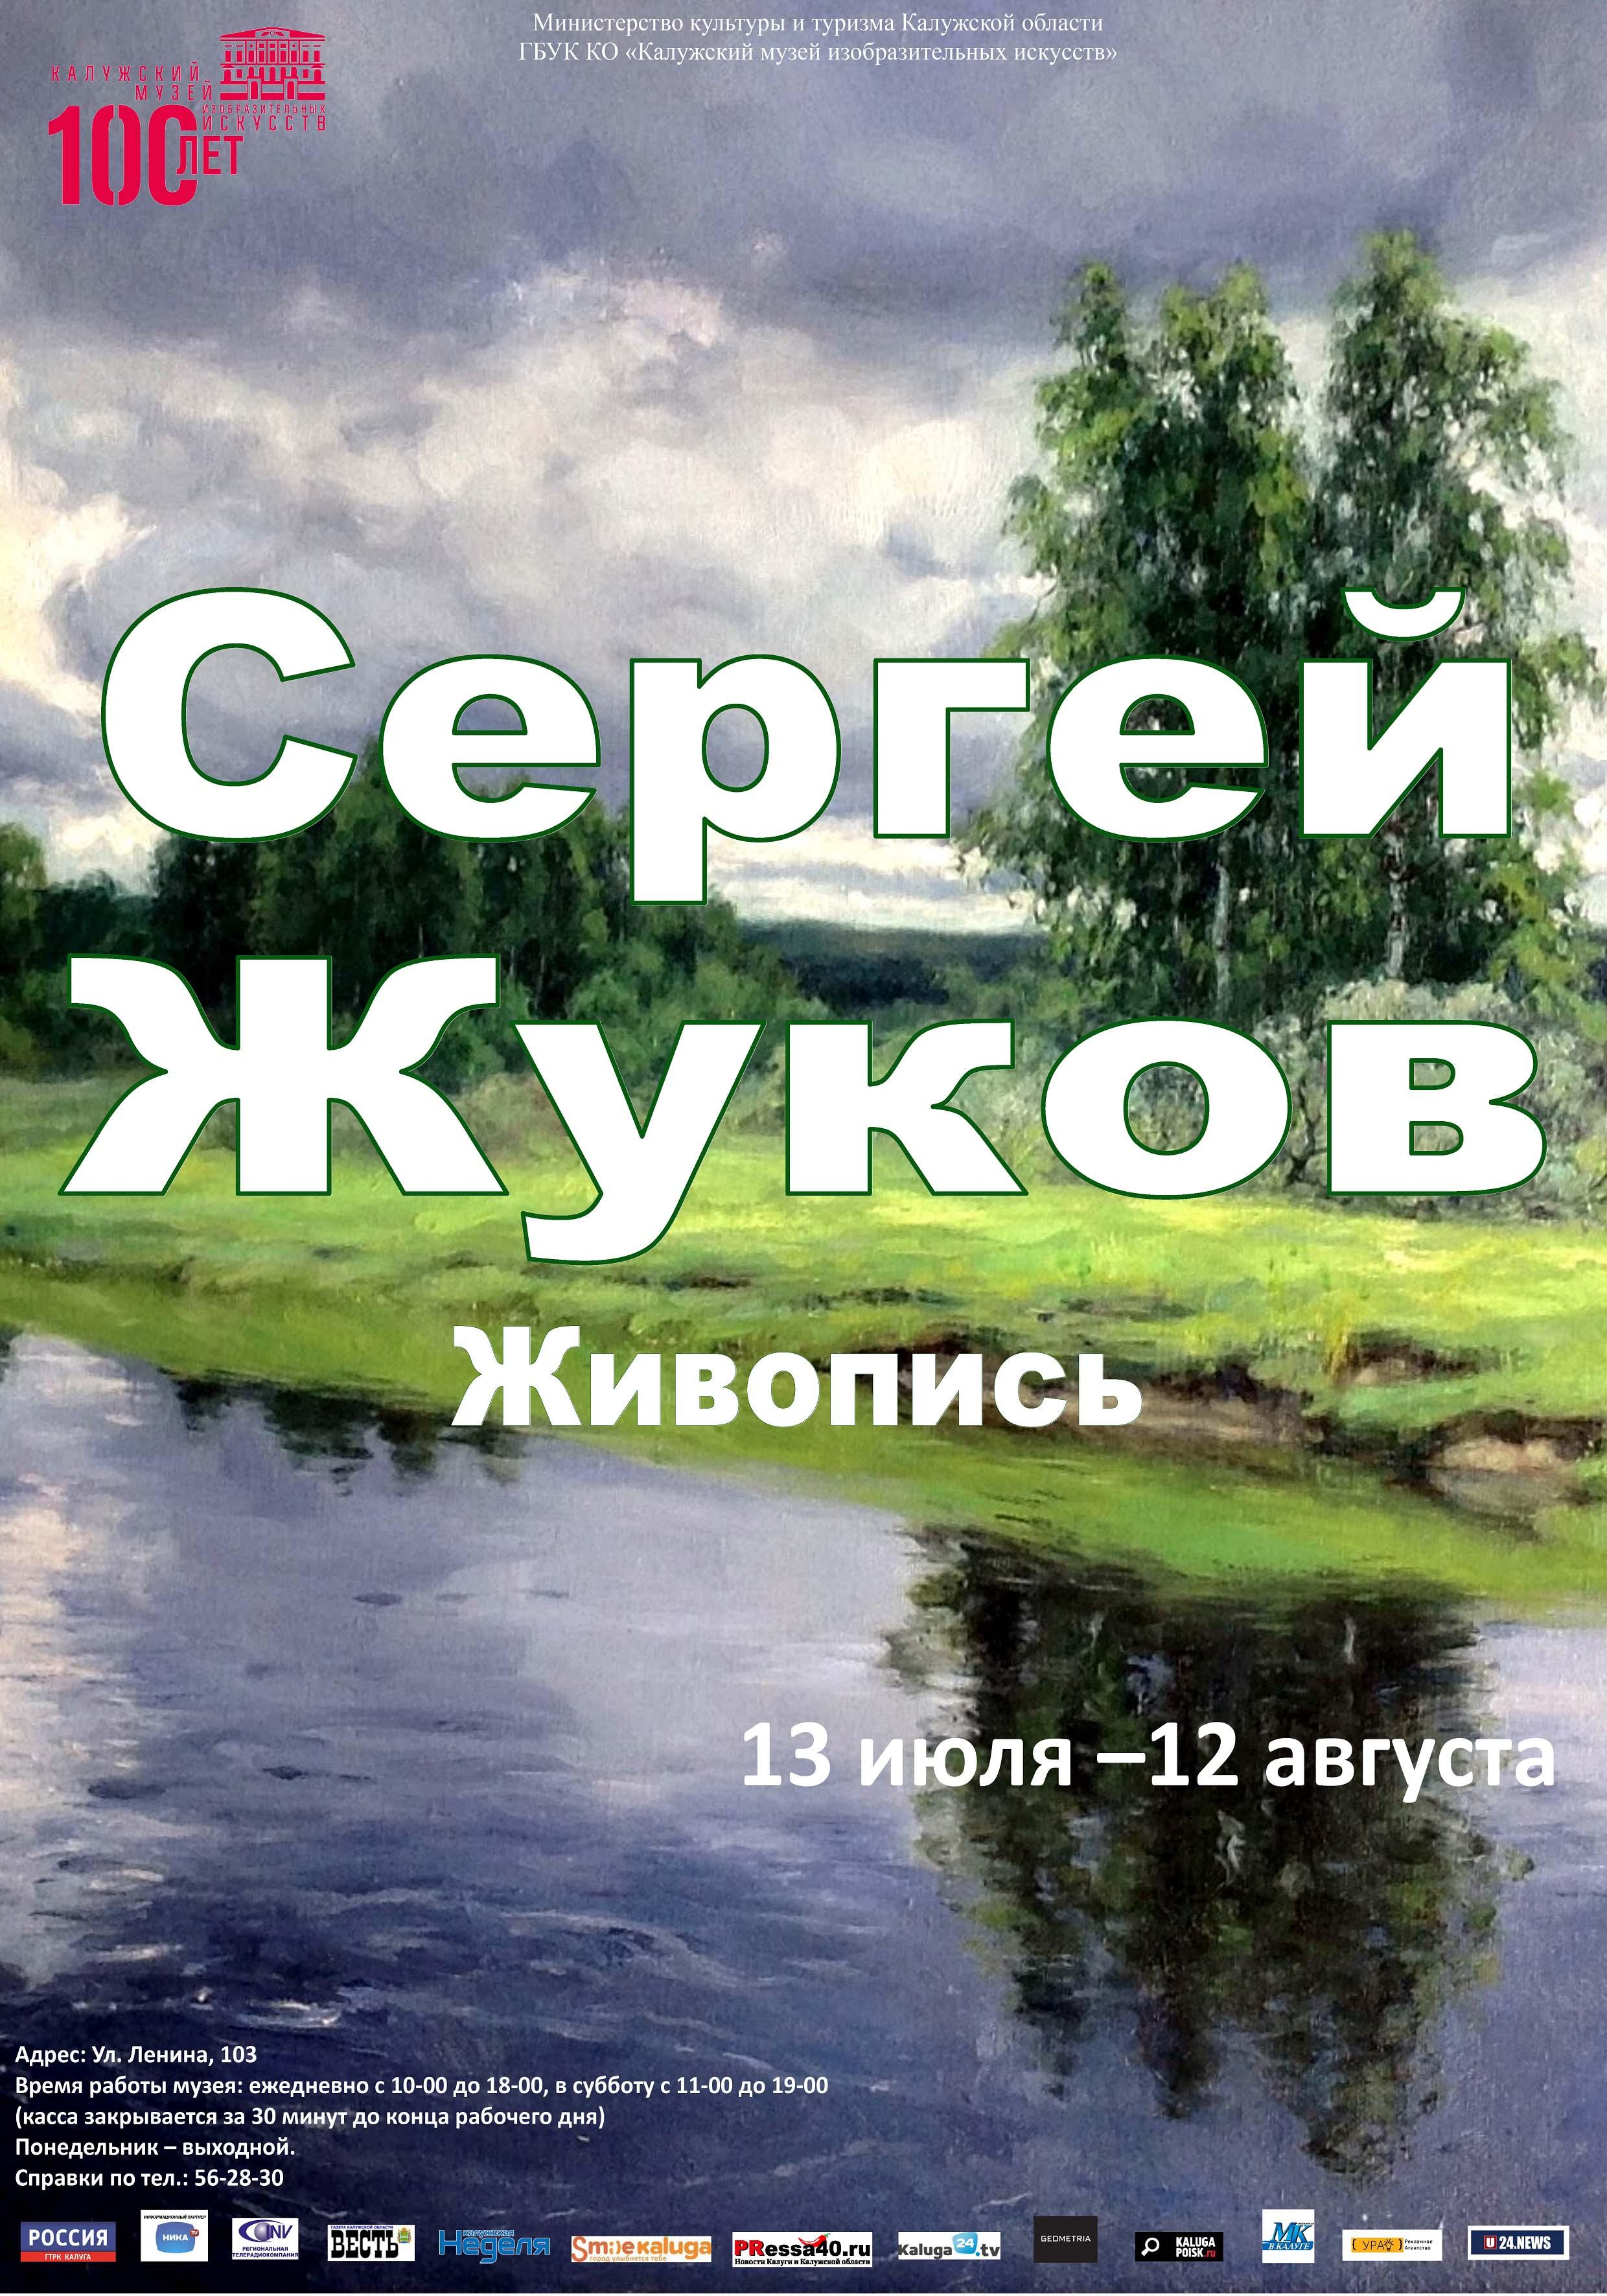 Сергей Жуков. Живопись в КМИИ